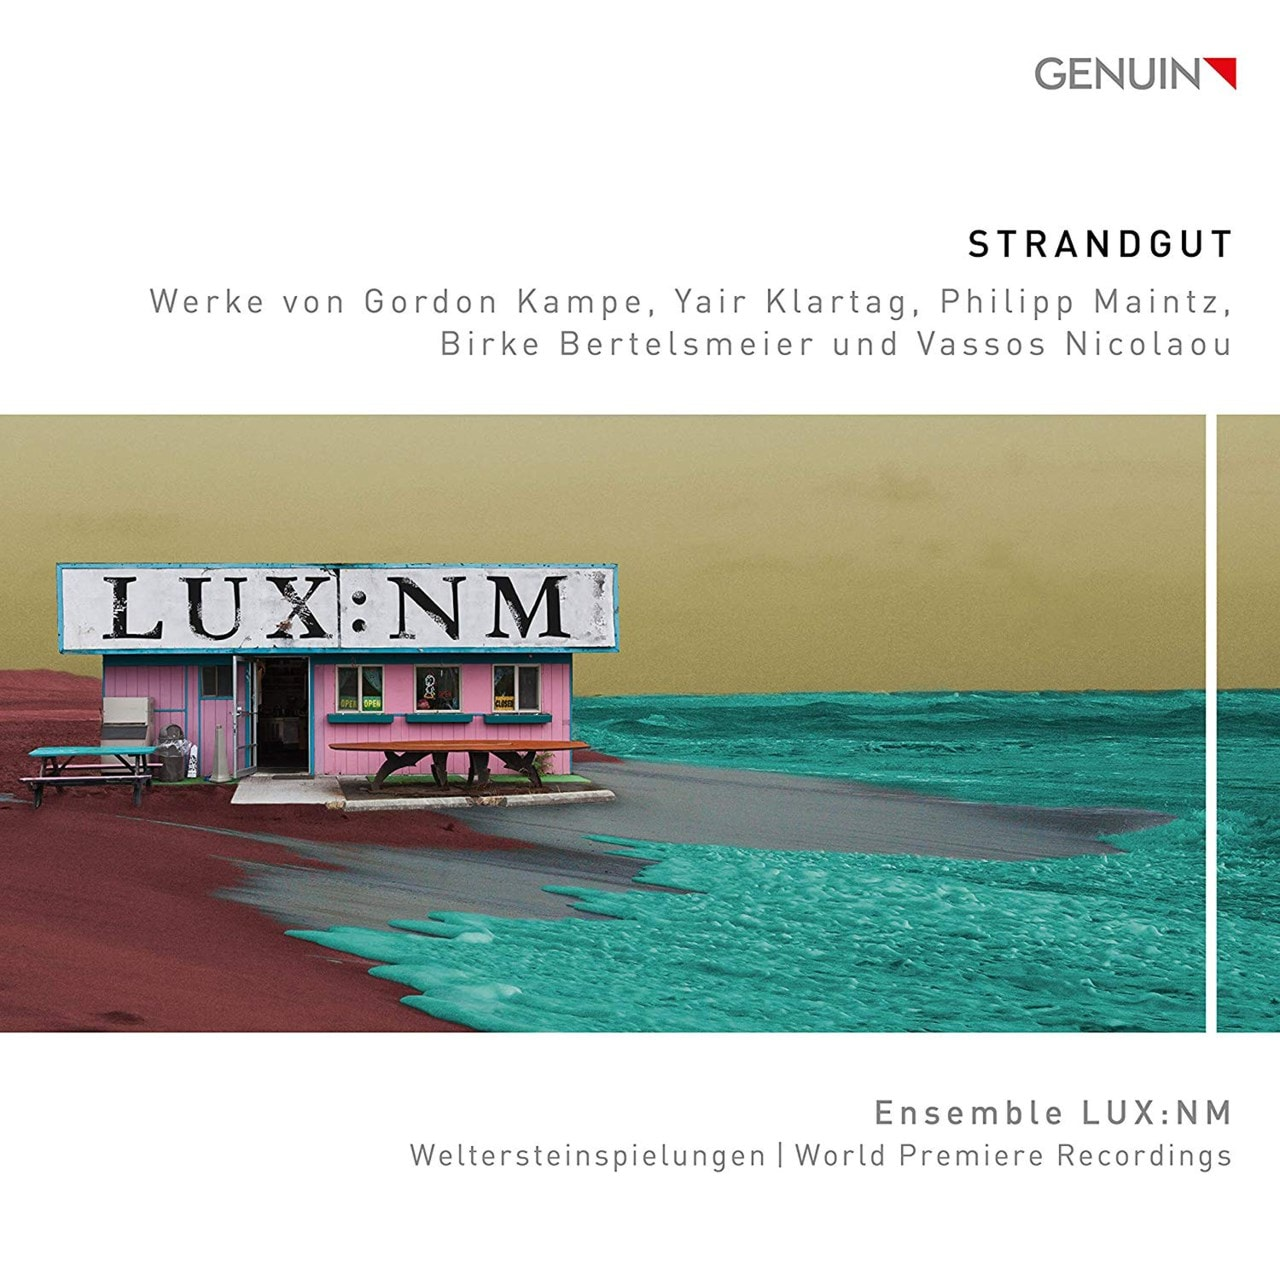 Ensemble LUX:NM: Strandgut - 1